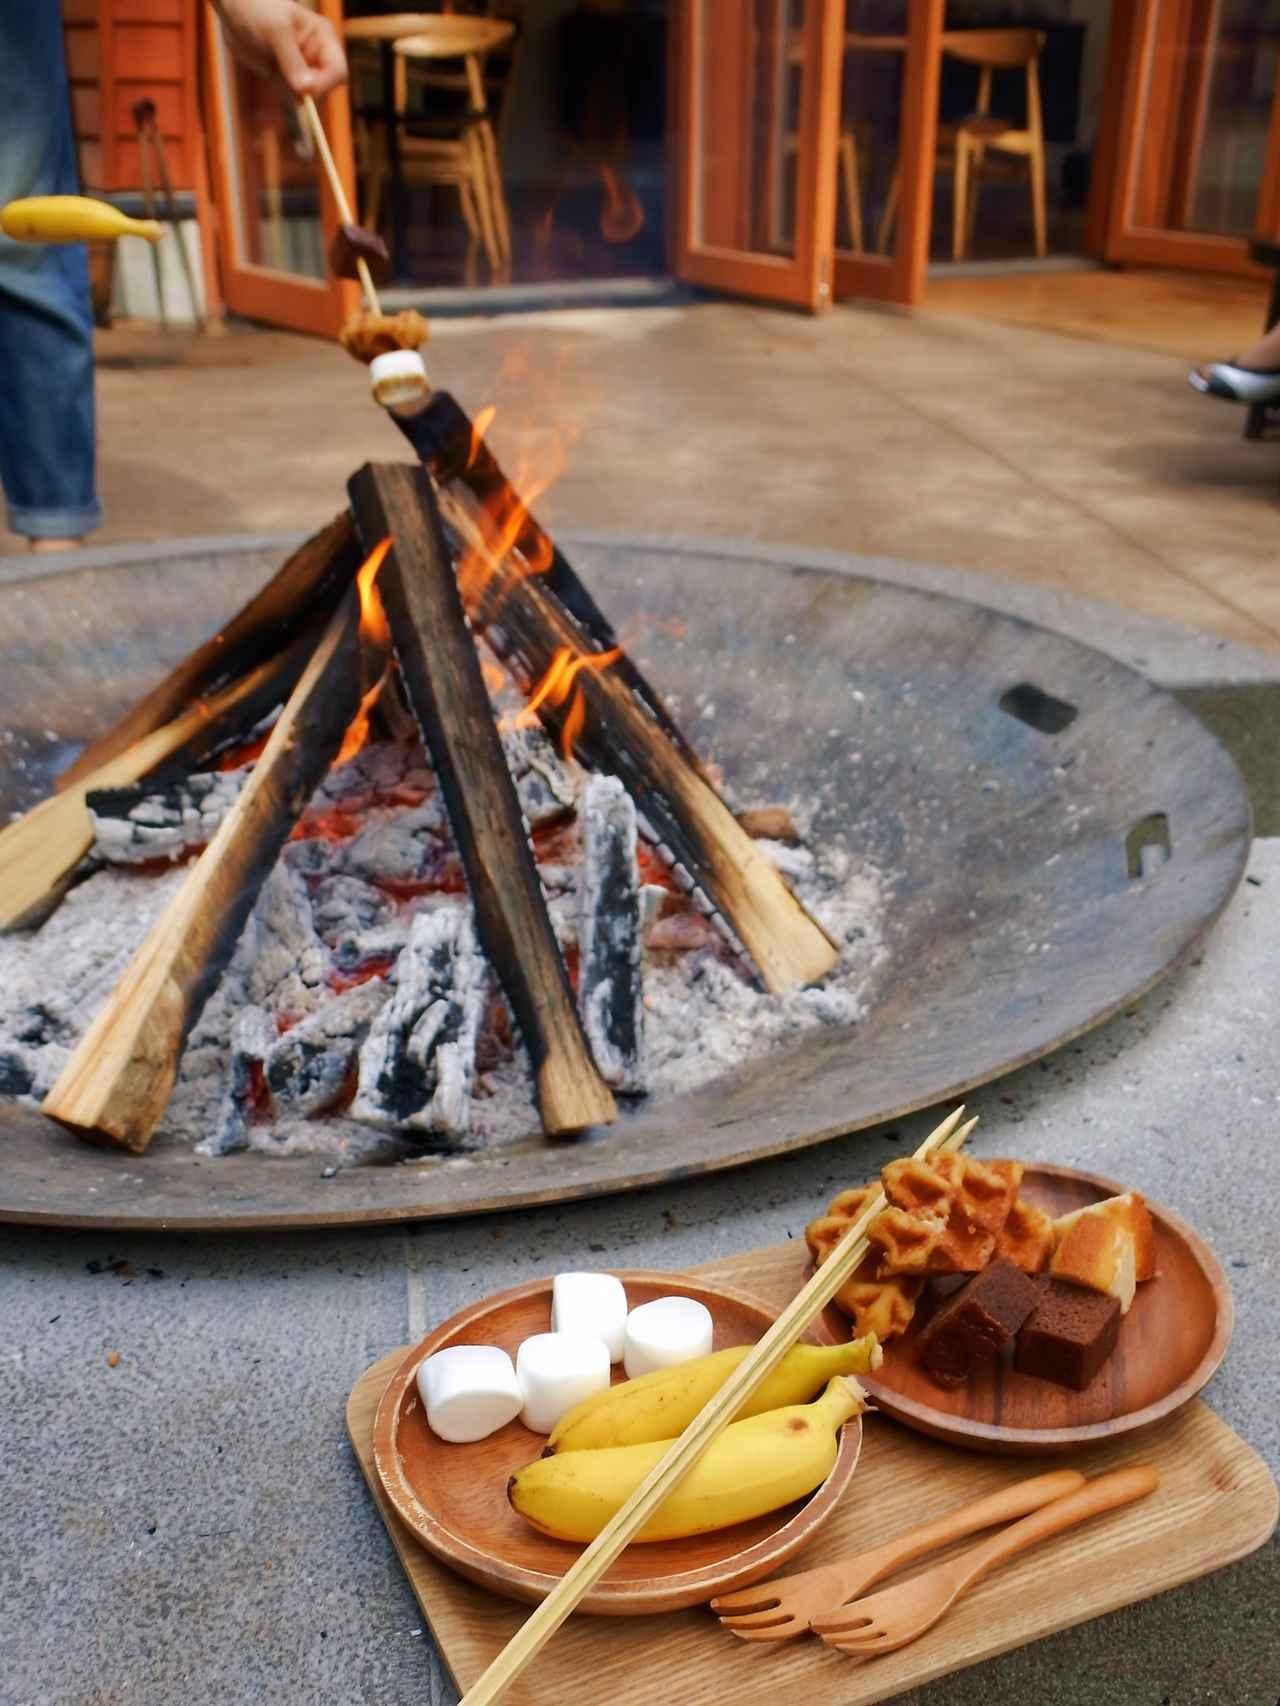 画像: キャンプファイヤーで、好みの具材をバーベキュー!  夜にはここで火を囲んだ「焚火BAR」となる